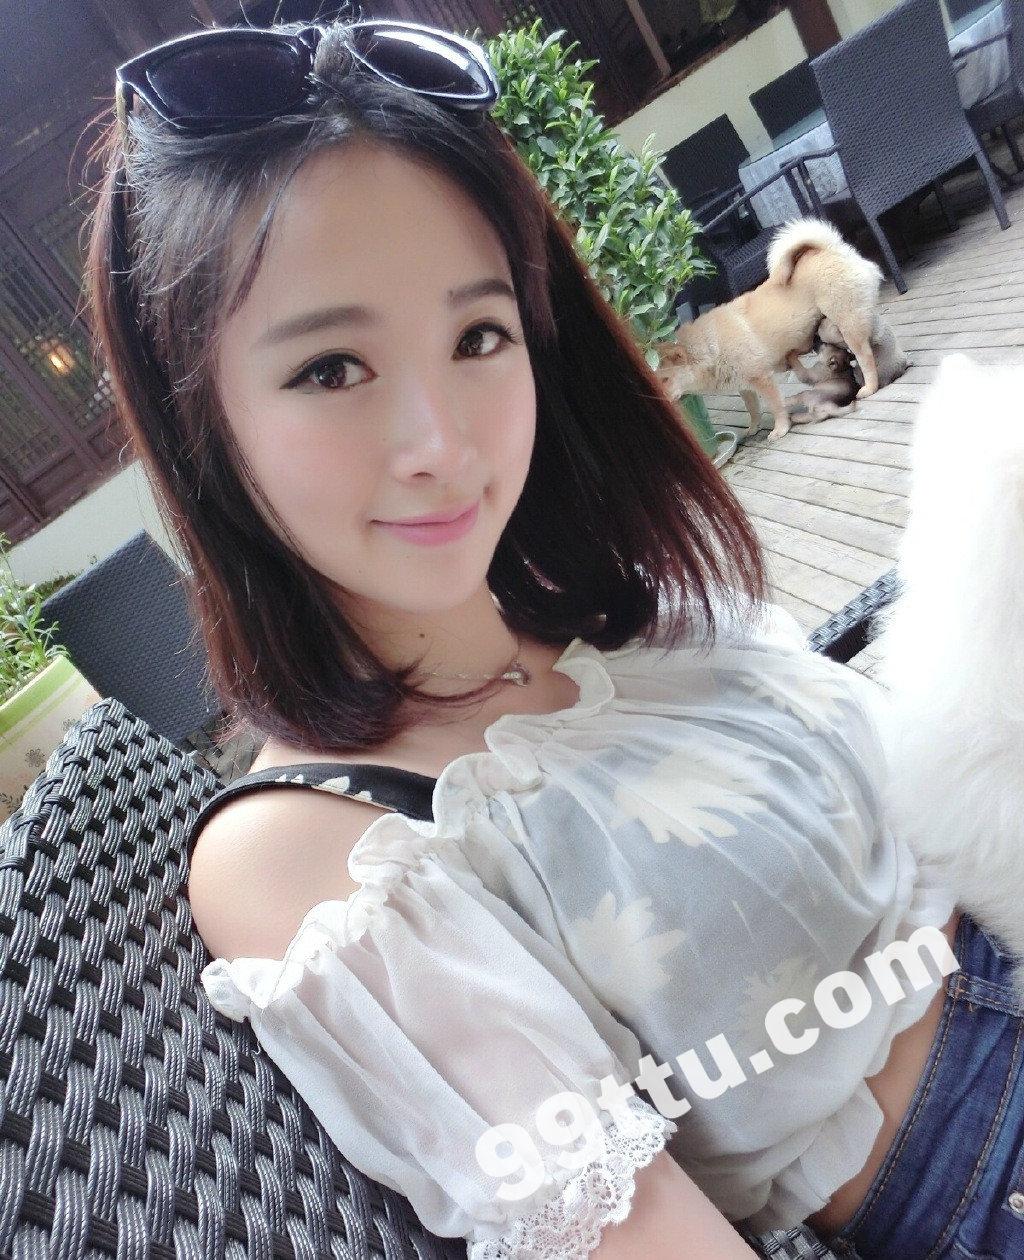 KK65_824张图+20个视频 美女一枚网恋生活照套图-3